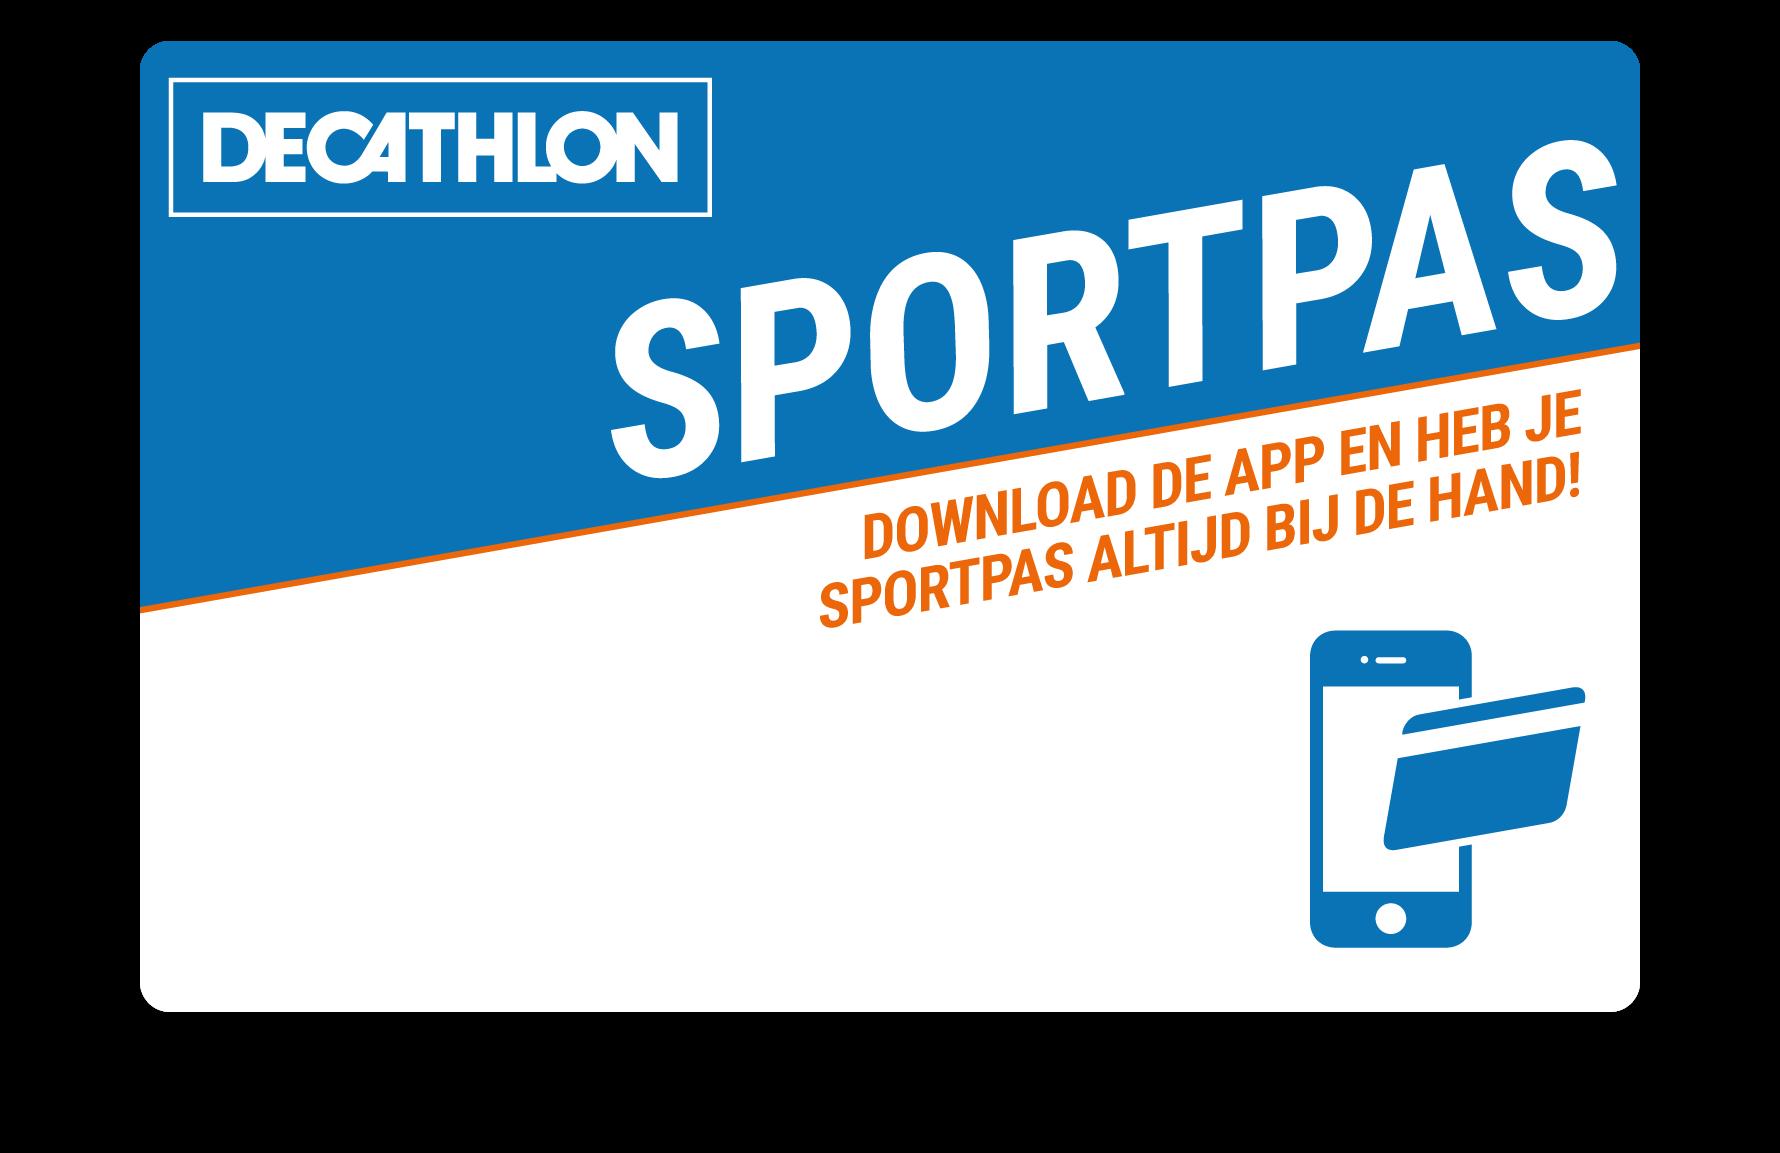 Sportpas